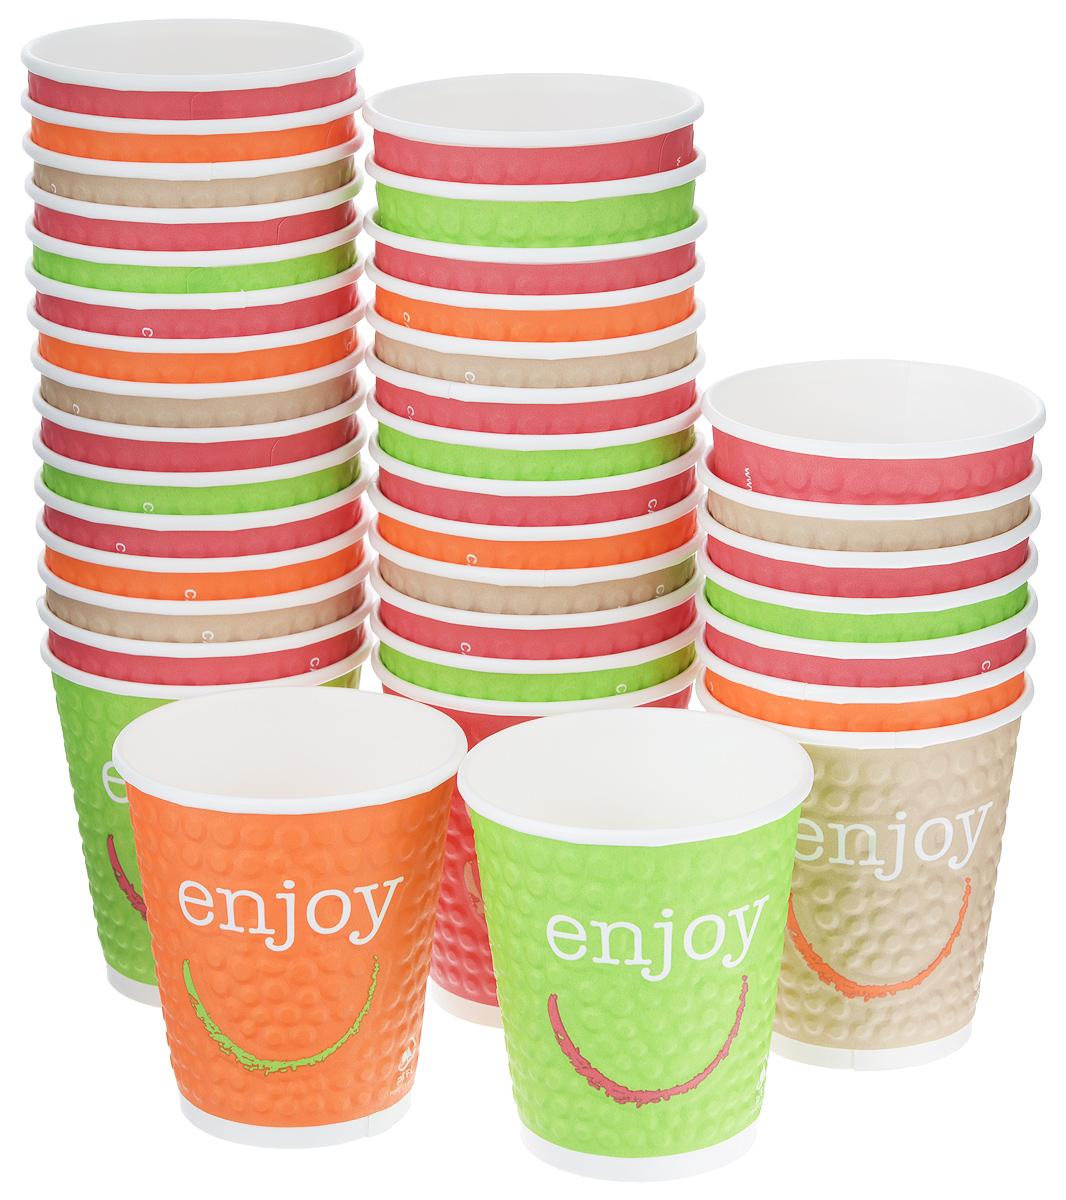 Набор одноразовых стаканов Huhtamaki Enjoy, 200 мл, 37 штСУ120Одноразовые стаканы Huhtamaki Enjoy изготовлены из плотной бумаги и оформлены оригинальным рисунком. Изделия предназначены для подачи холодных напитков. Вы можете взять их с собой на природу, в парк, на пикник и наслаждаться вкусными напитками. Несмотря на то, что стаканы бумажные, они очень прочные и не промокают. Диаметр стакана (по верхнему краю): 8 см.Высота стакана: 8,5 см.